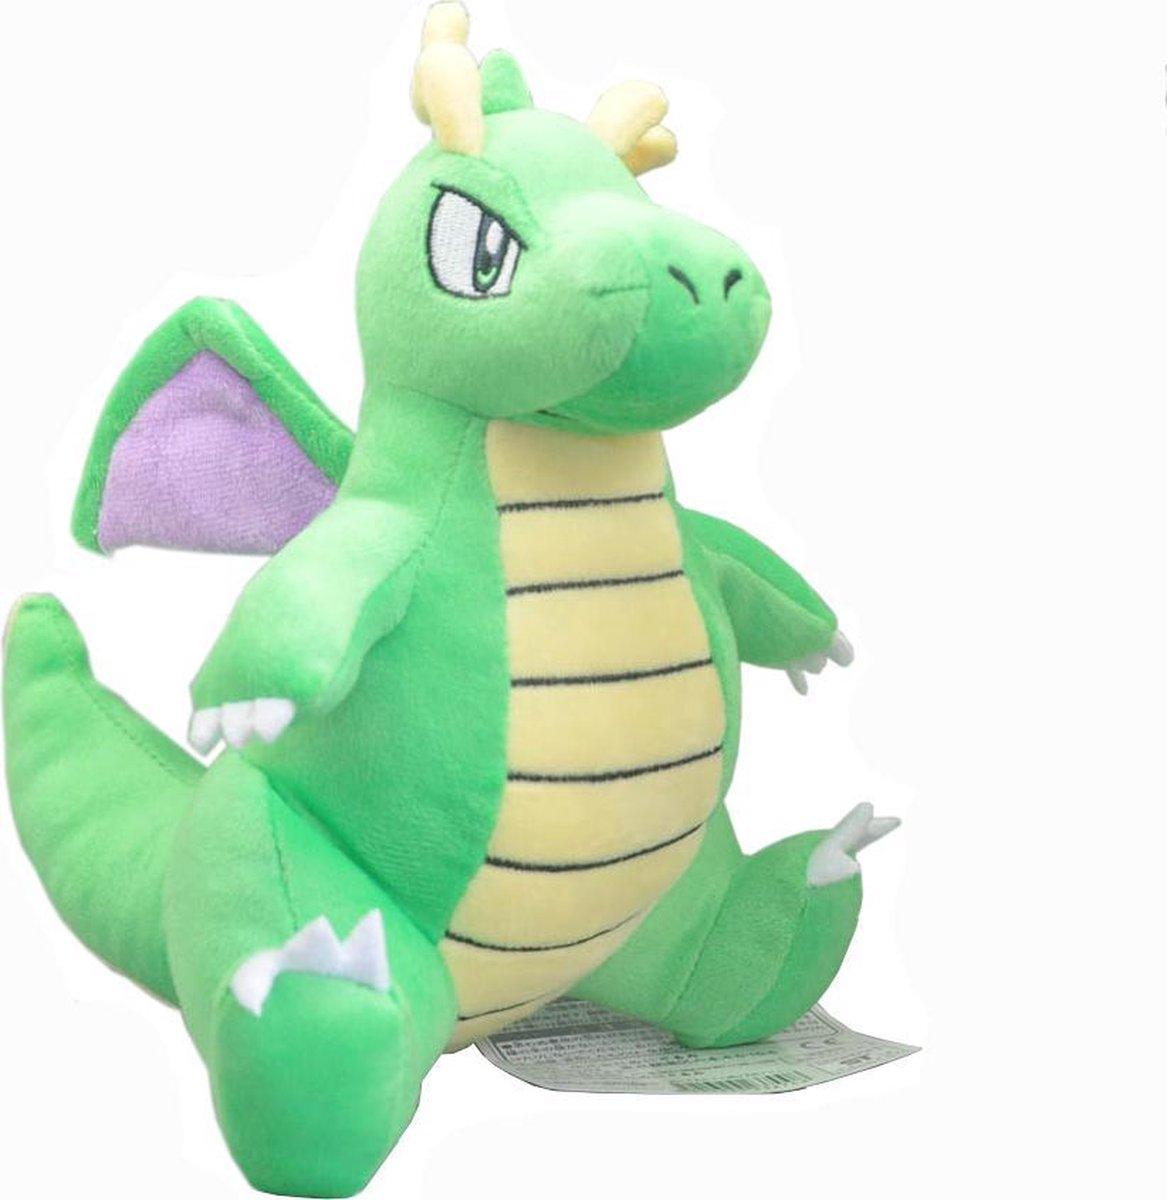 Pokemon Knuffel shiny dragonite 20 cm pluche cute en zacht - groen